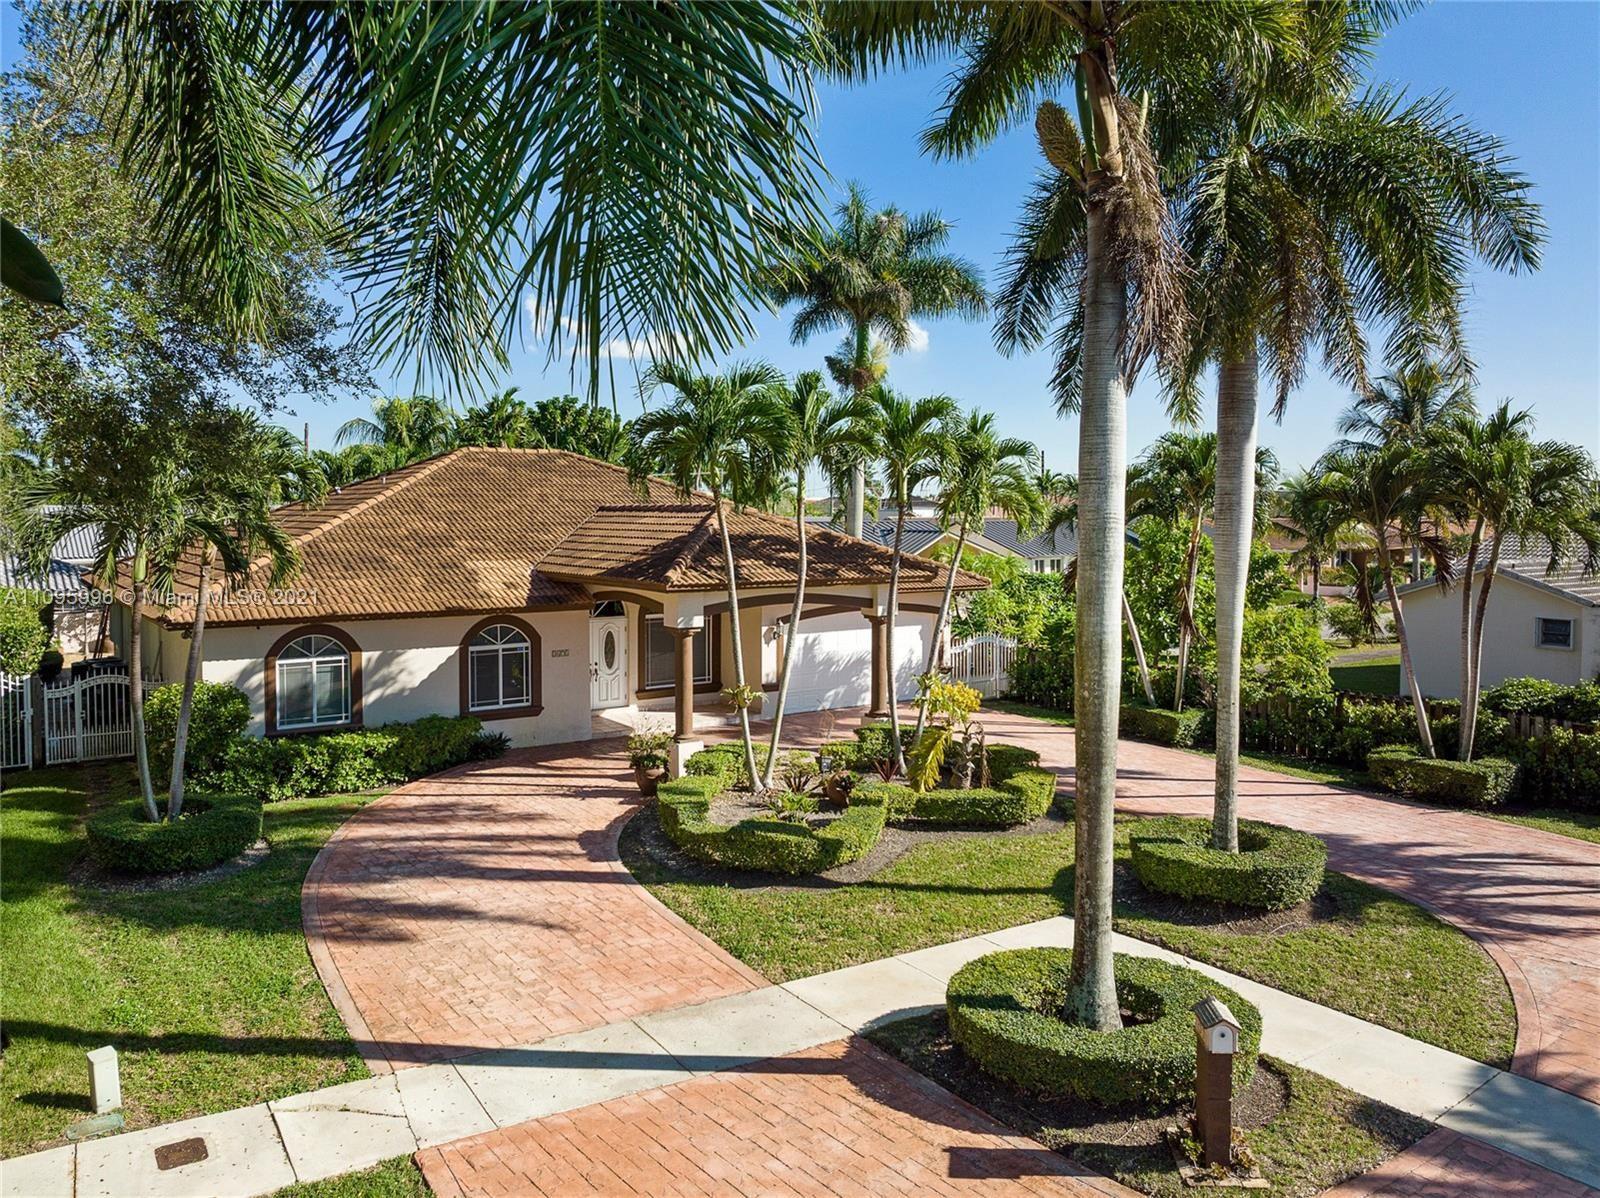 3671 SW 139th Ct, Miami, FL 33175 - #: A11095996